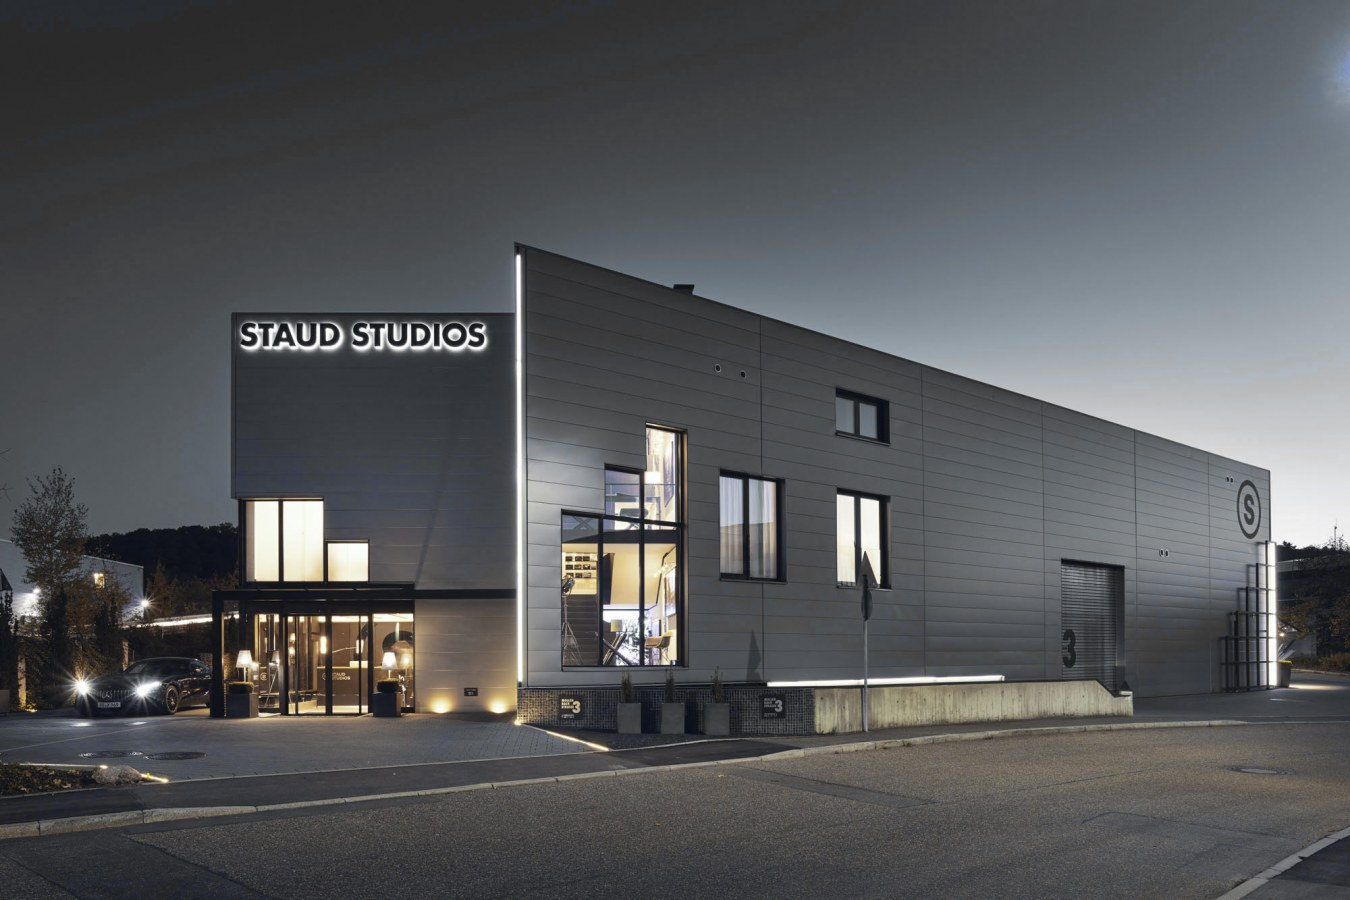 Isabell-Ehring-Innenarchitektur-Stuttgart---Umbau-Buero-STAUD-STUDIOS-12.jpg